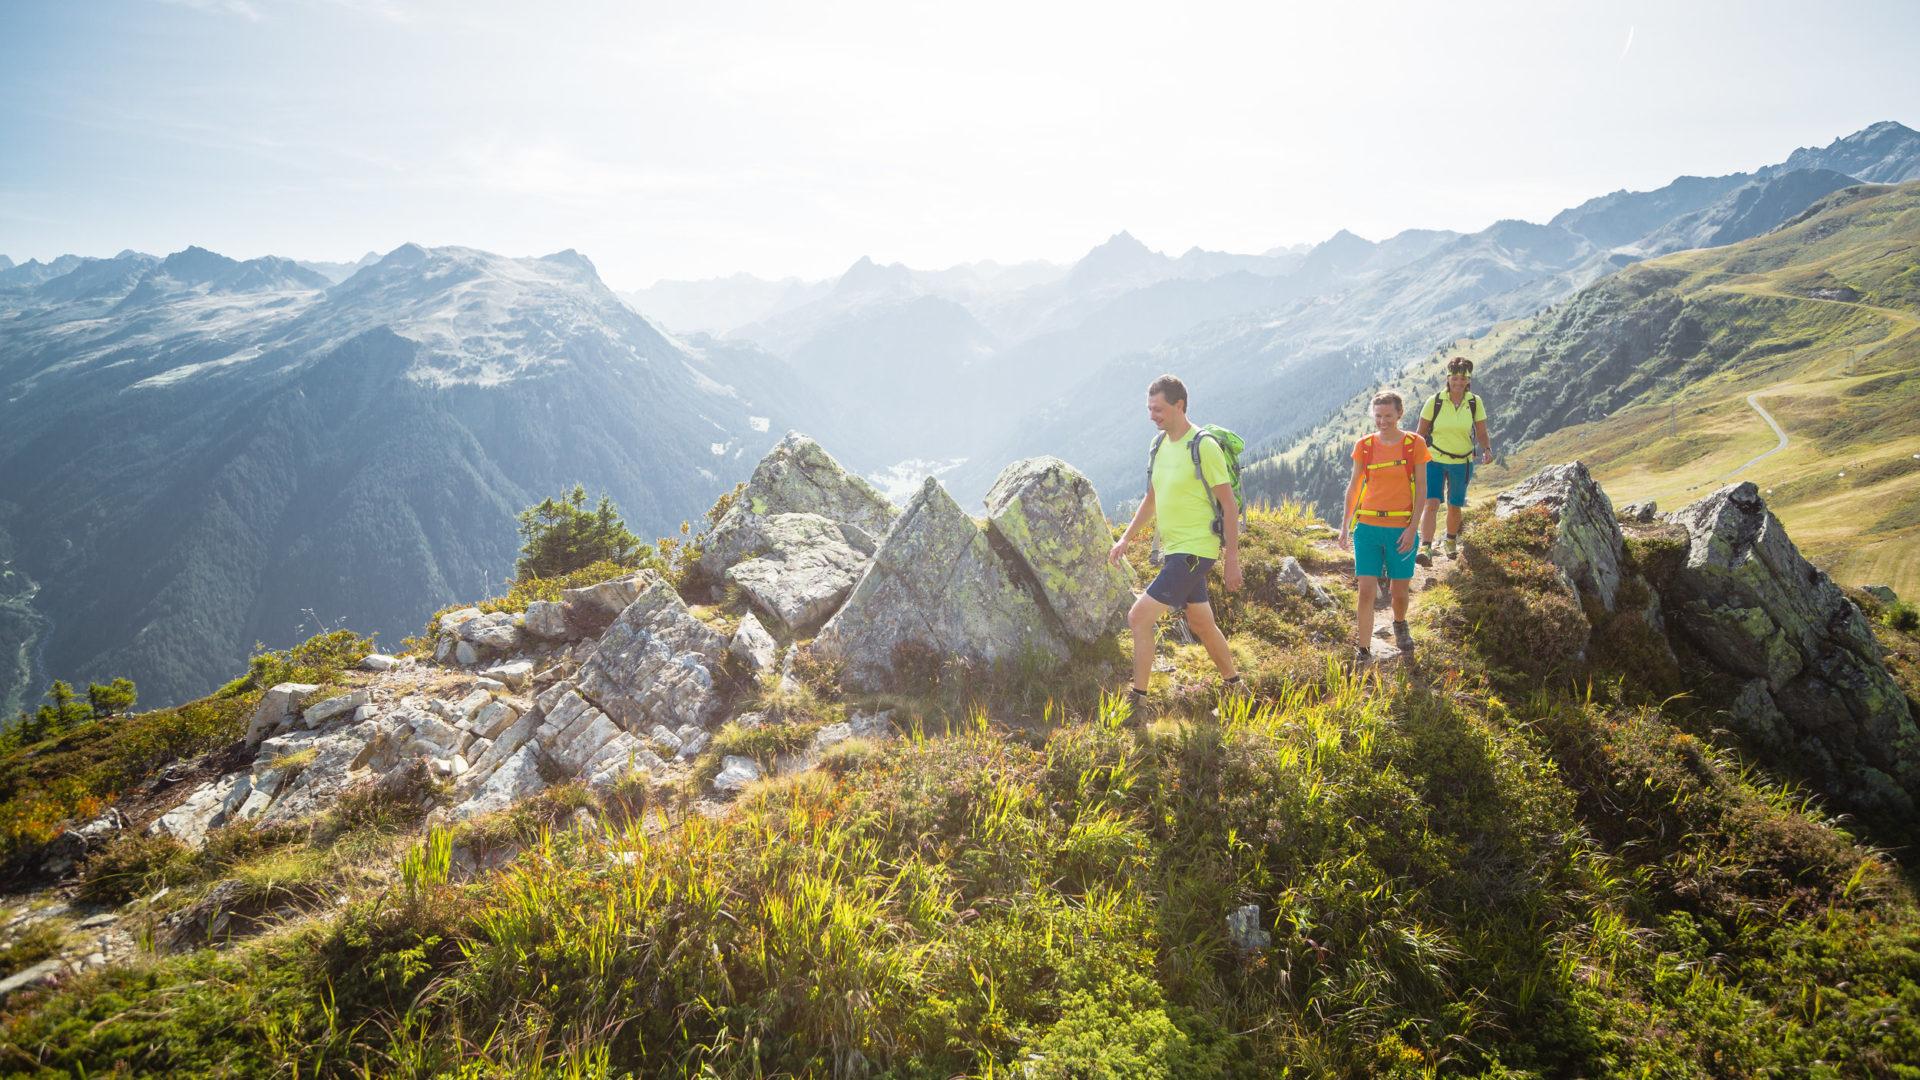 Wanderung über den Gantekopf zur Alp Nova © Stefan Kothner / Montafon Tourismus GmbH, Schruns